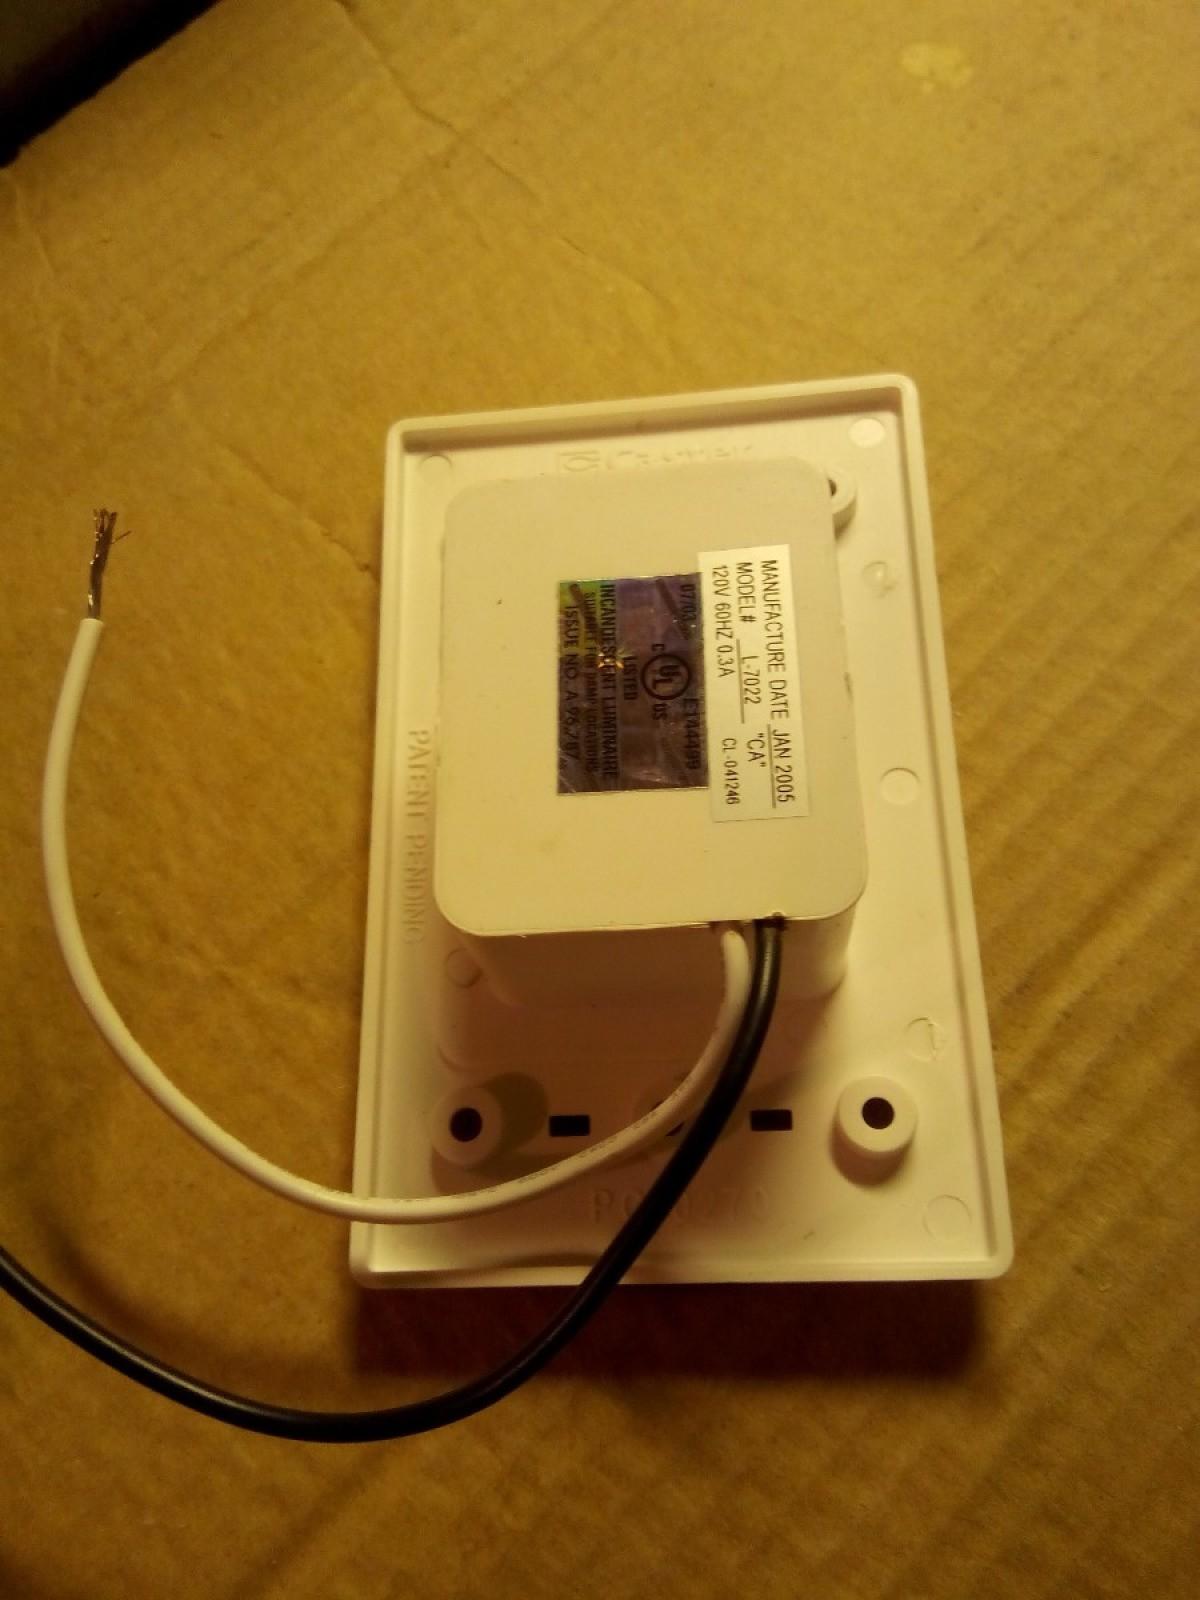 Marvelous No Ground Wire On Nightlight Thriftyfun Wiring Digital Resources Spoatbouhousnl